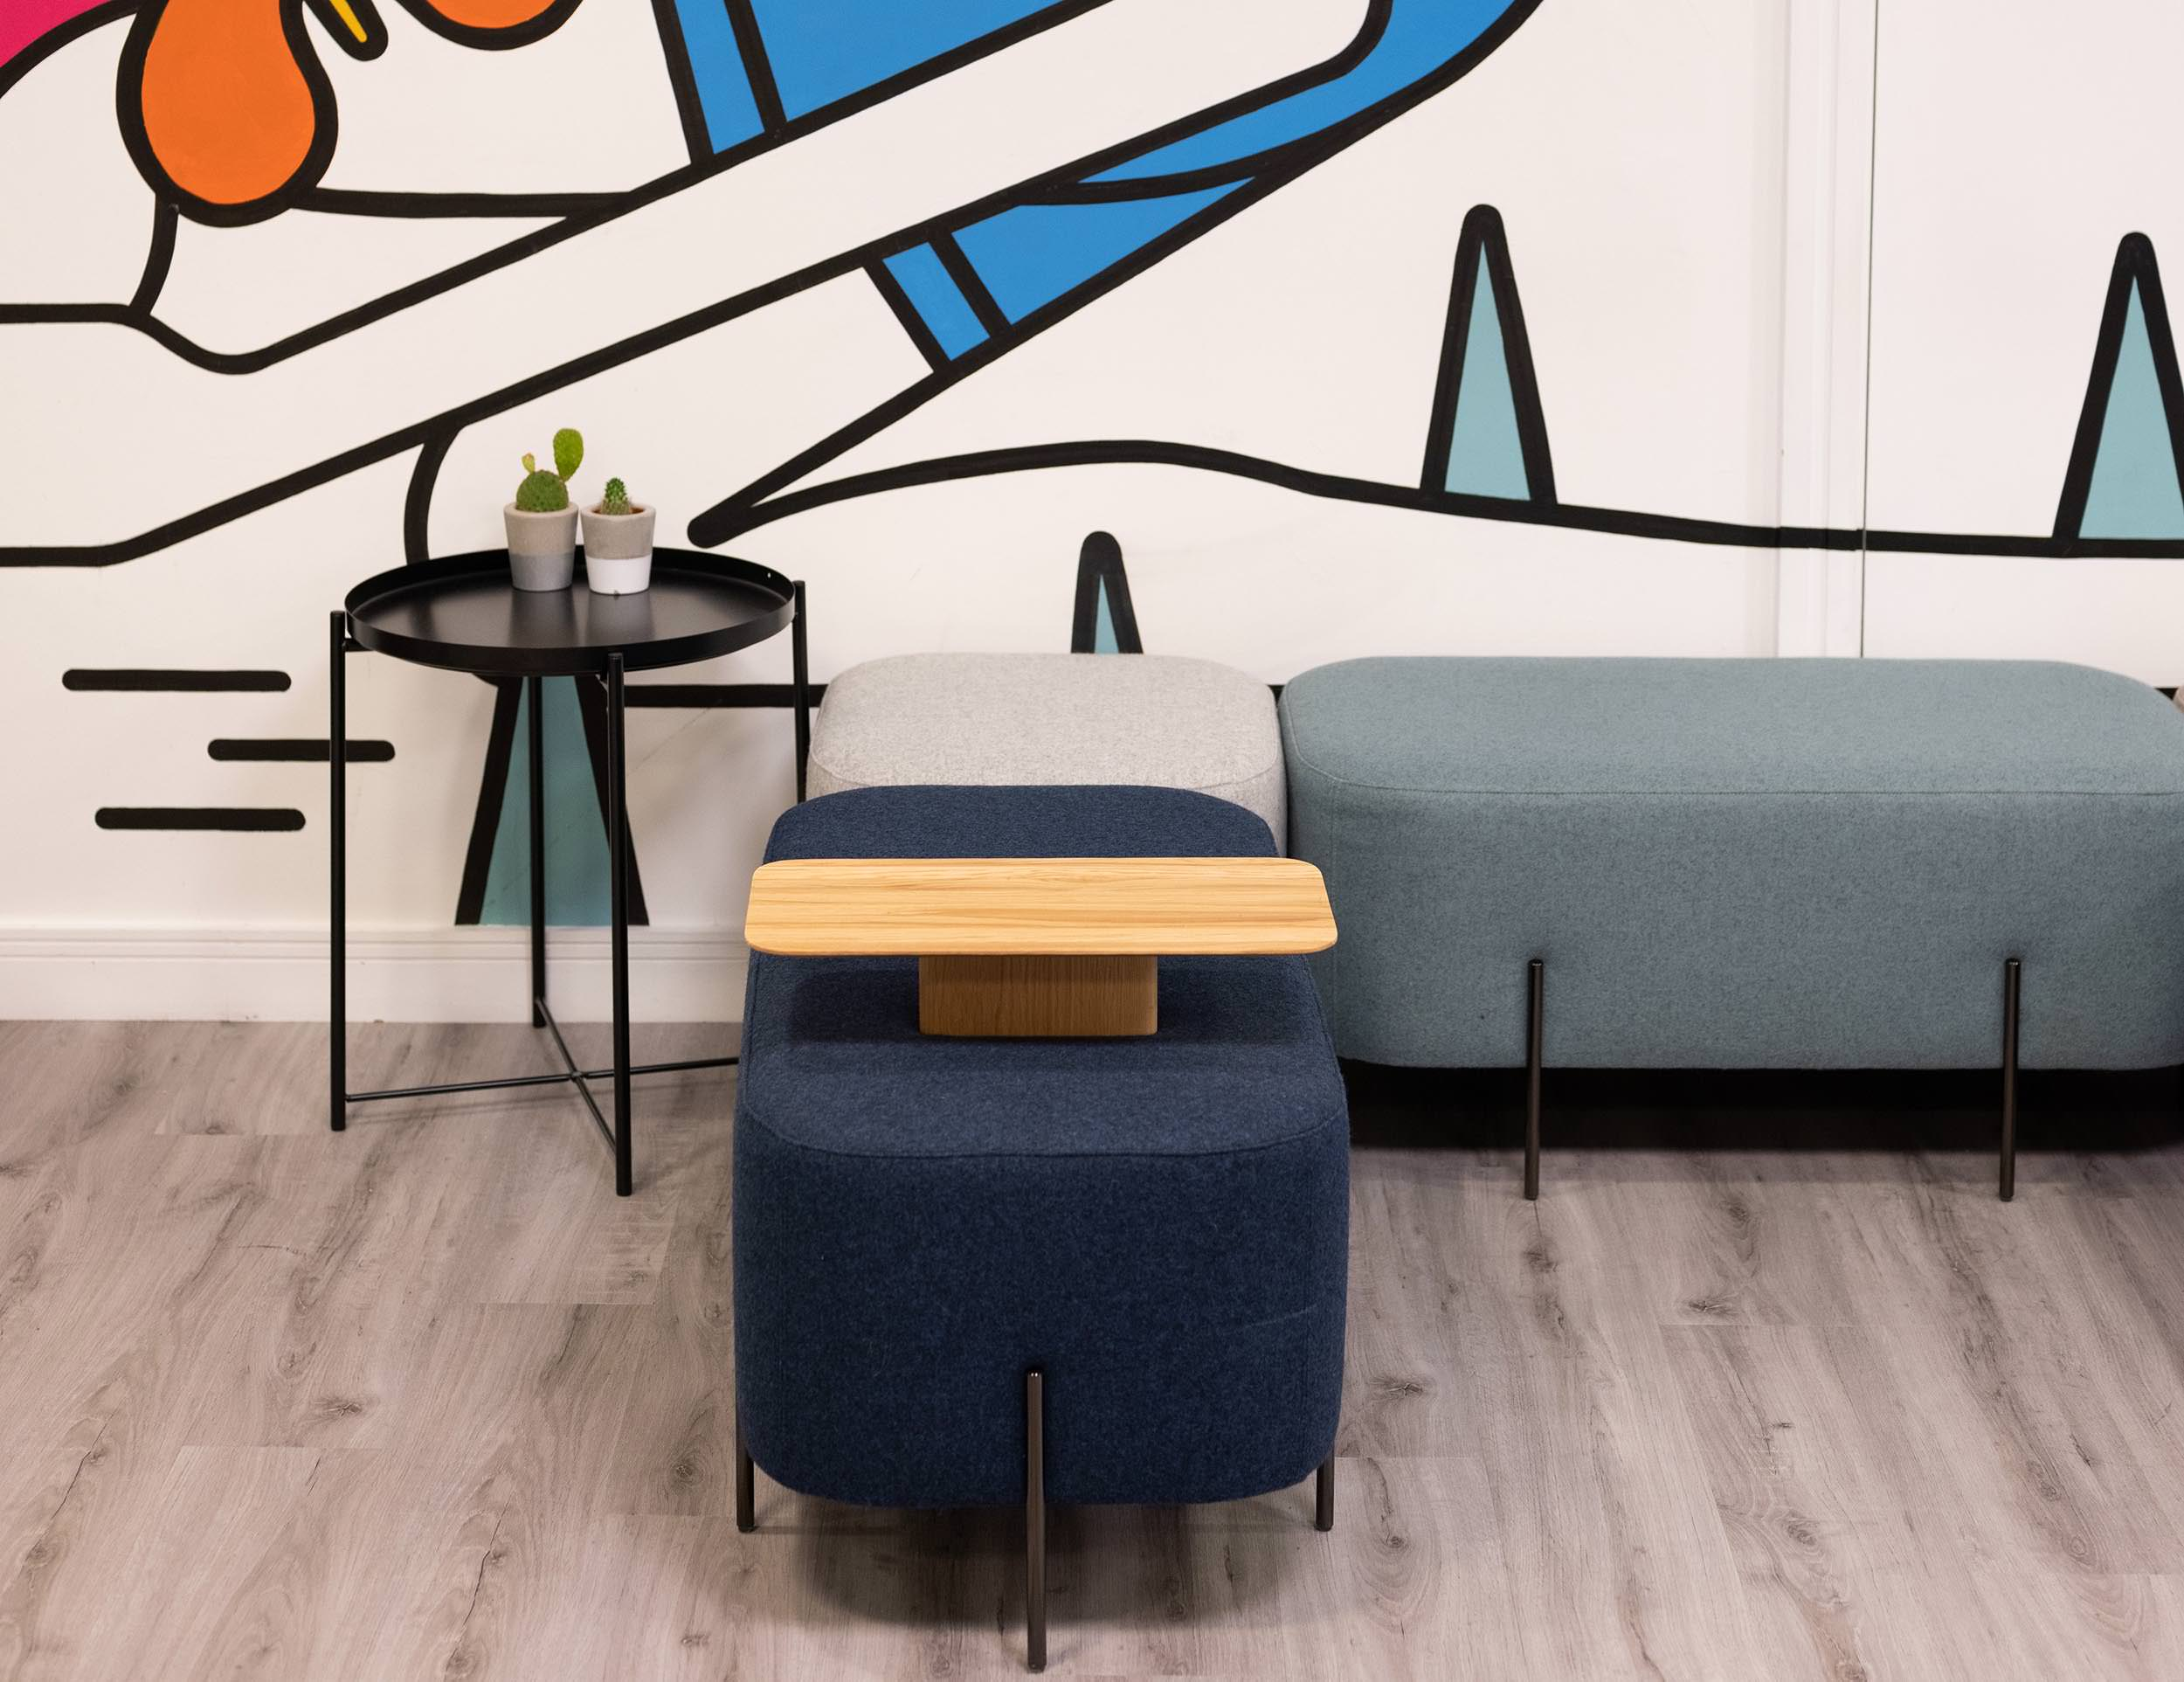 trifle-office-design-frukt-3.jpg